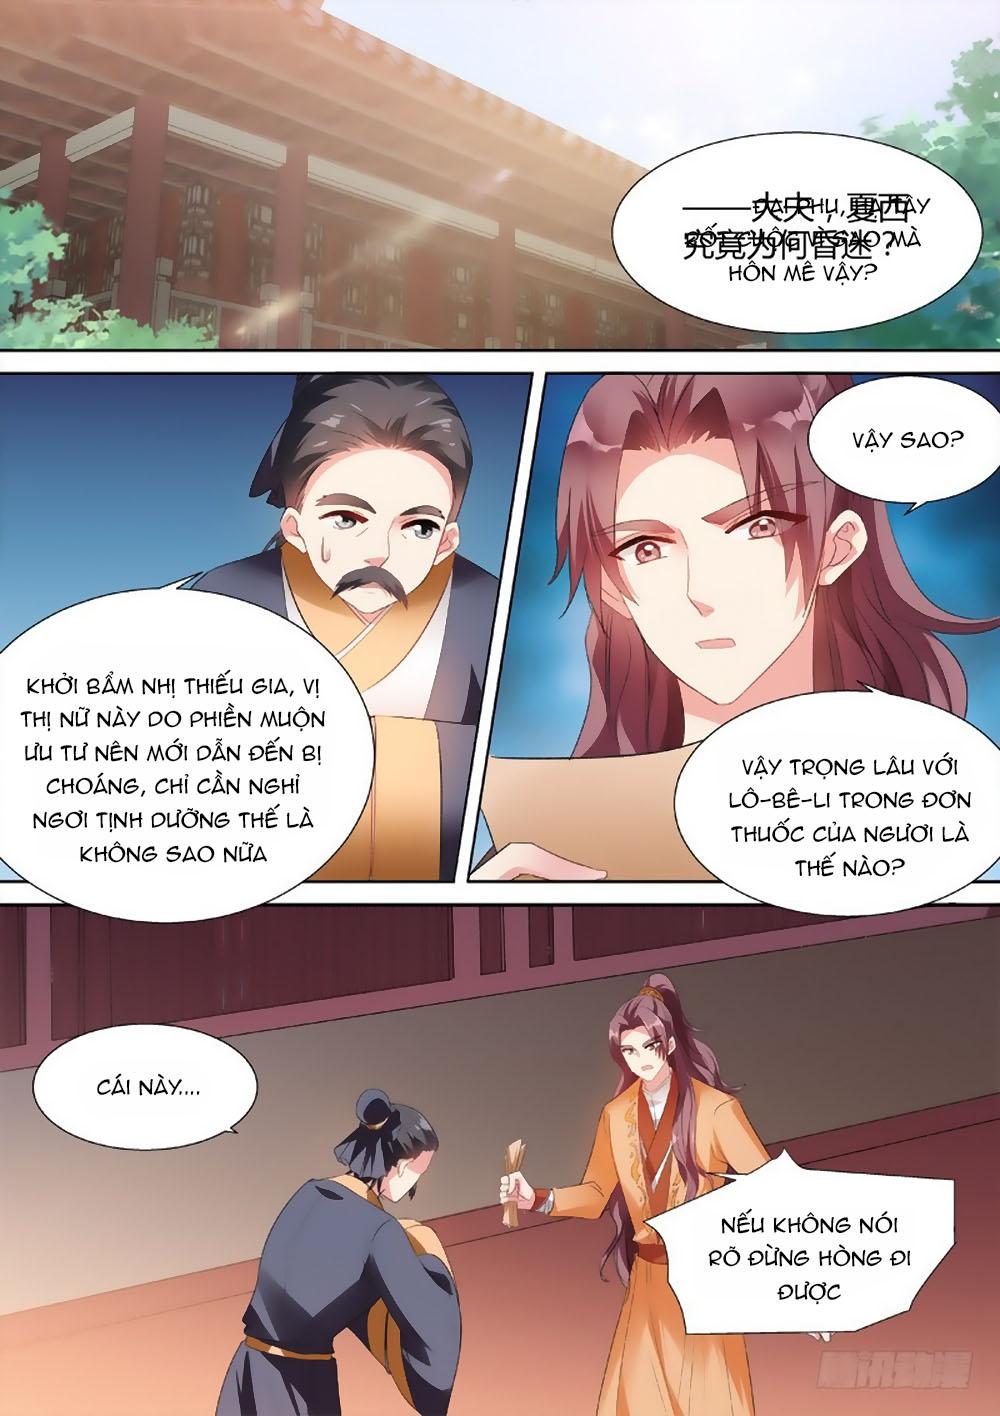 Hệ Thống Chế Tạo Nữ Thần chap 48 - Trang 3